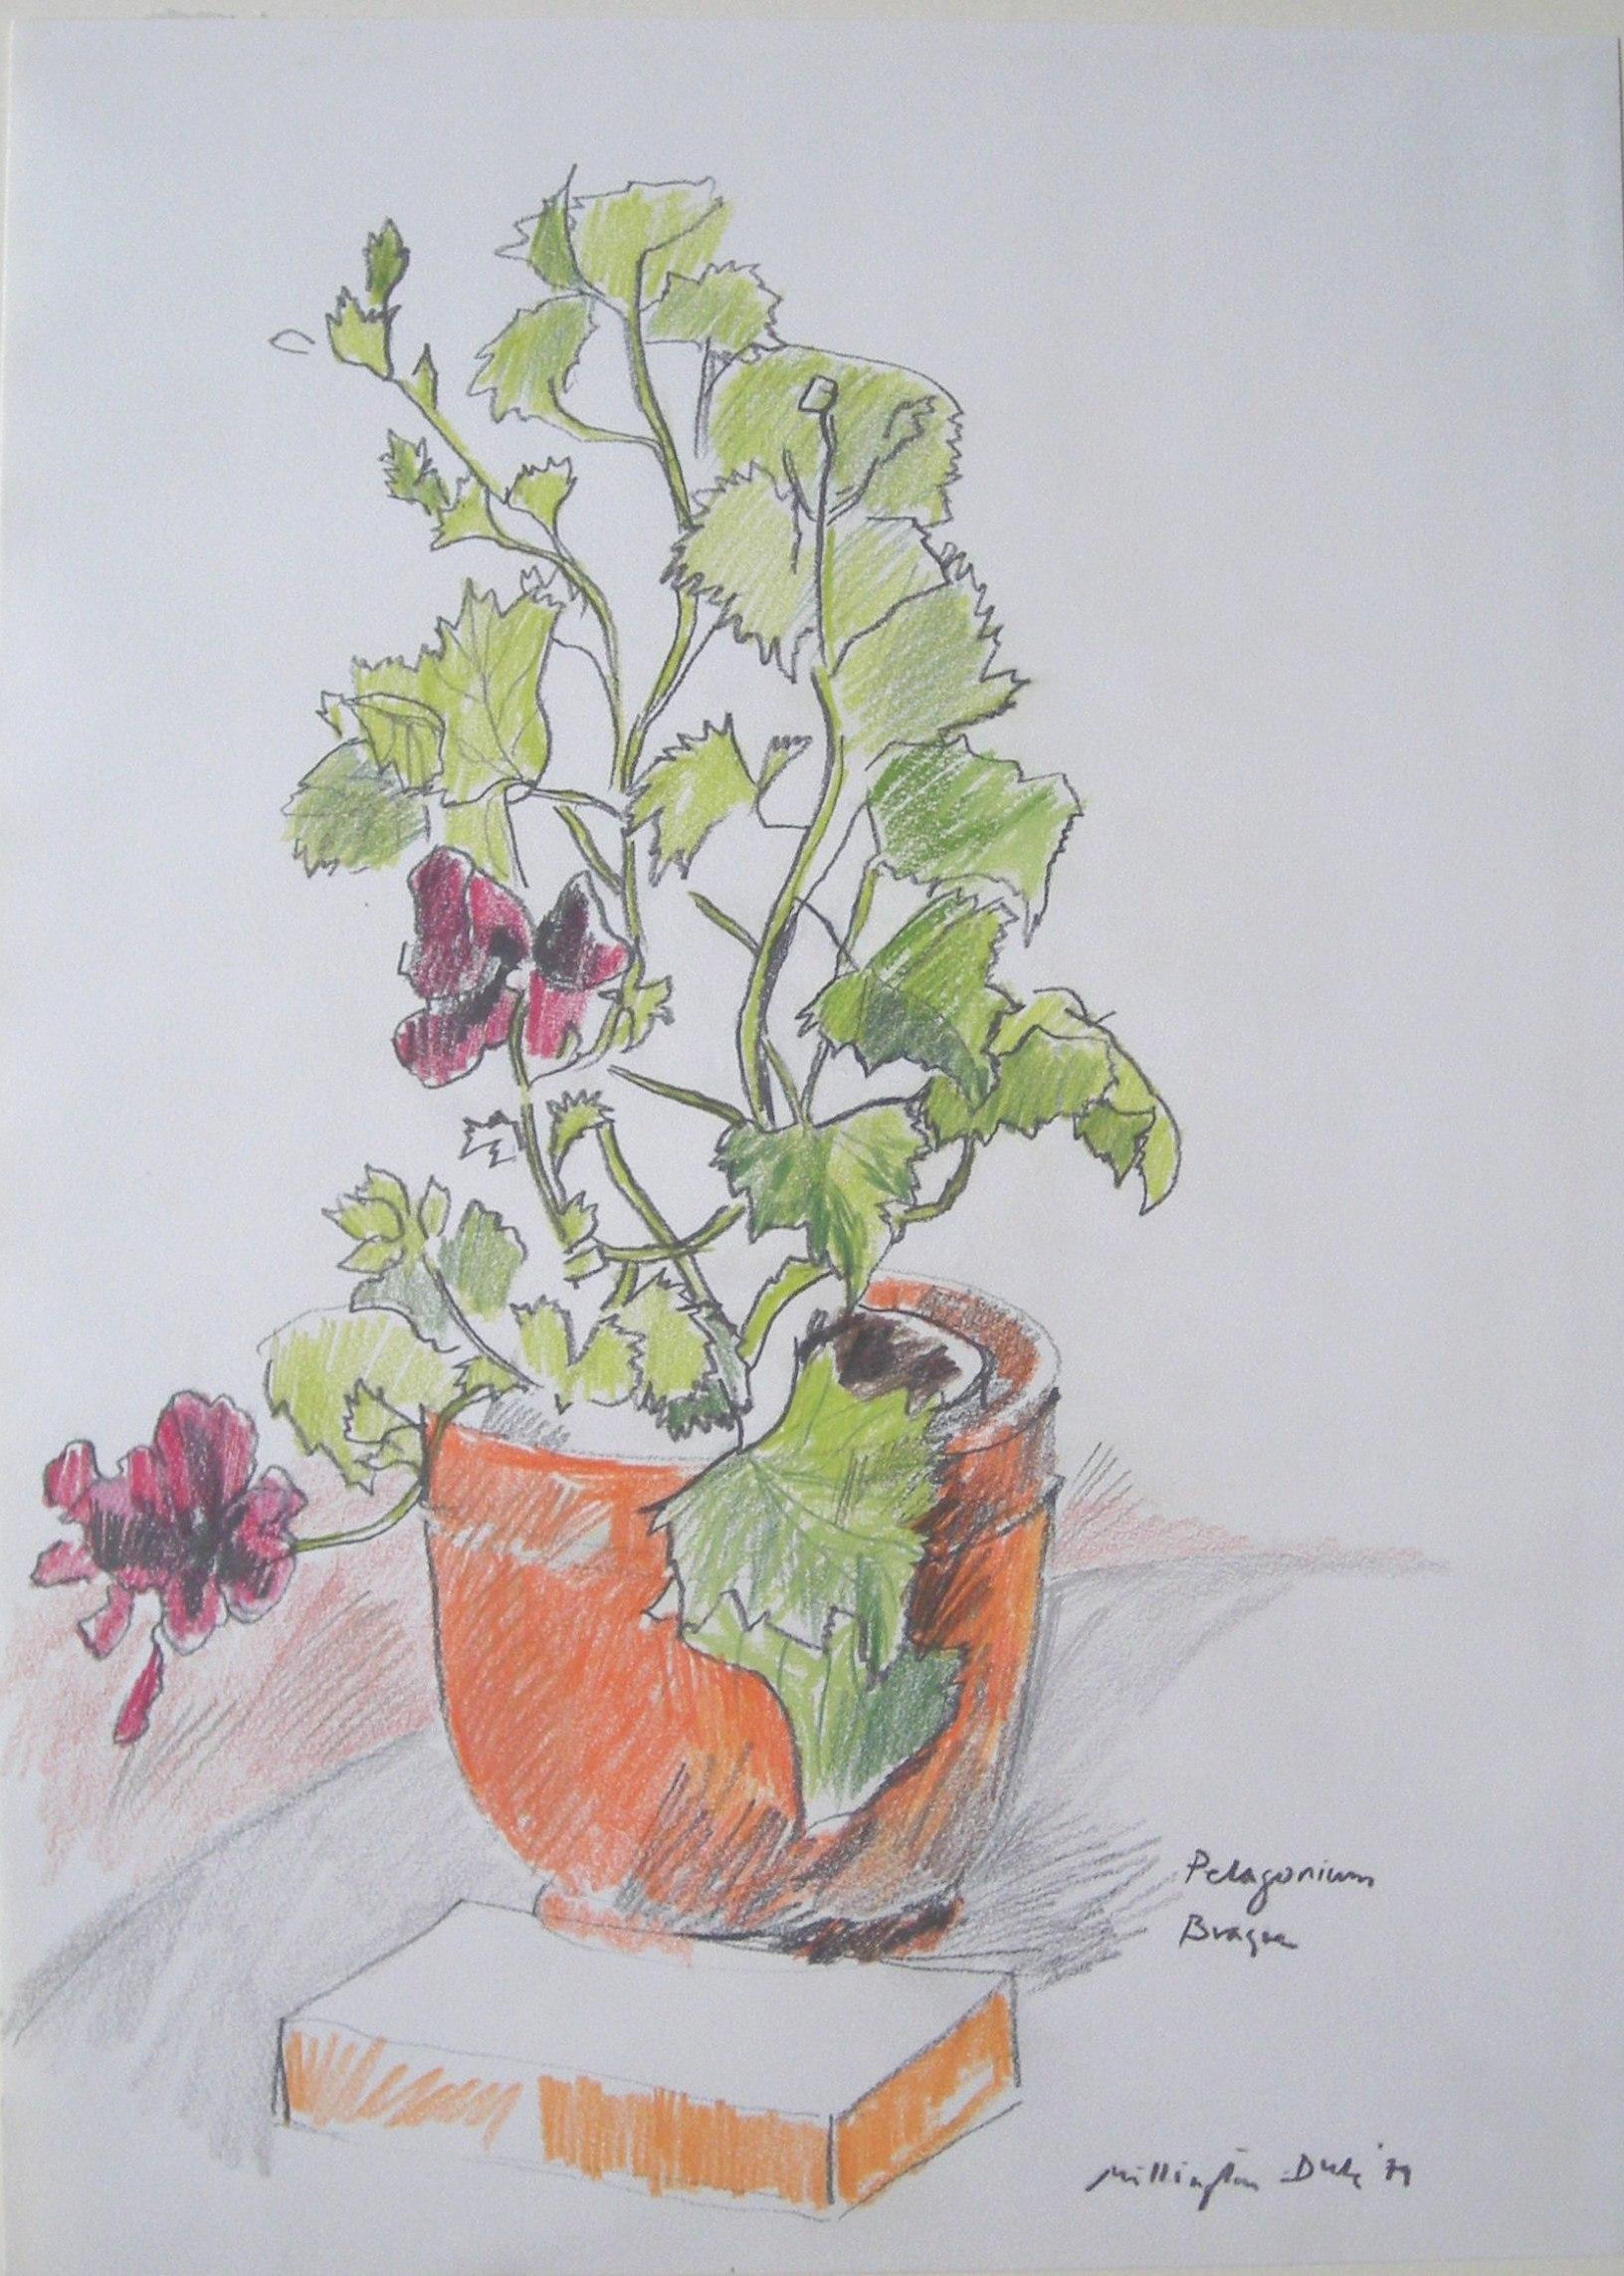 Teddy Millington-Drake - Pelargonium Braque